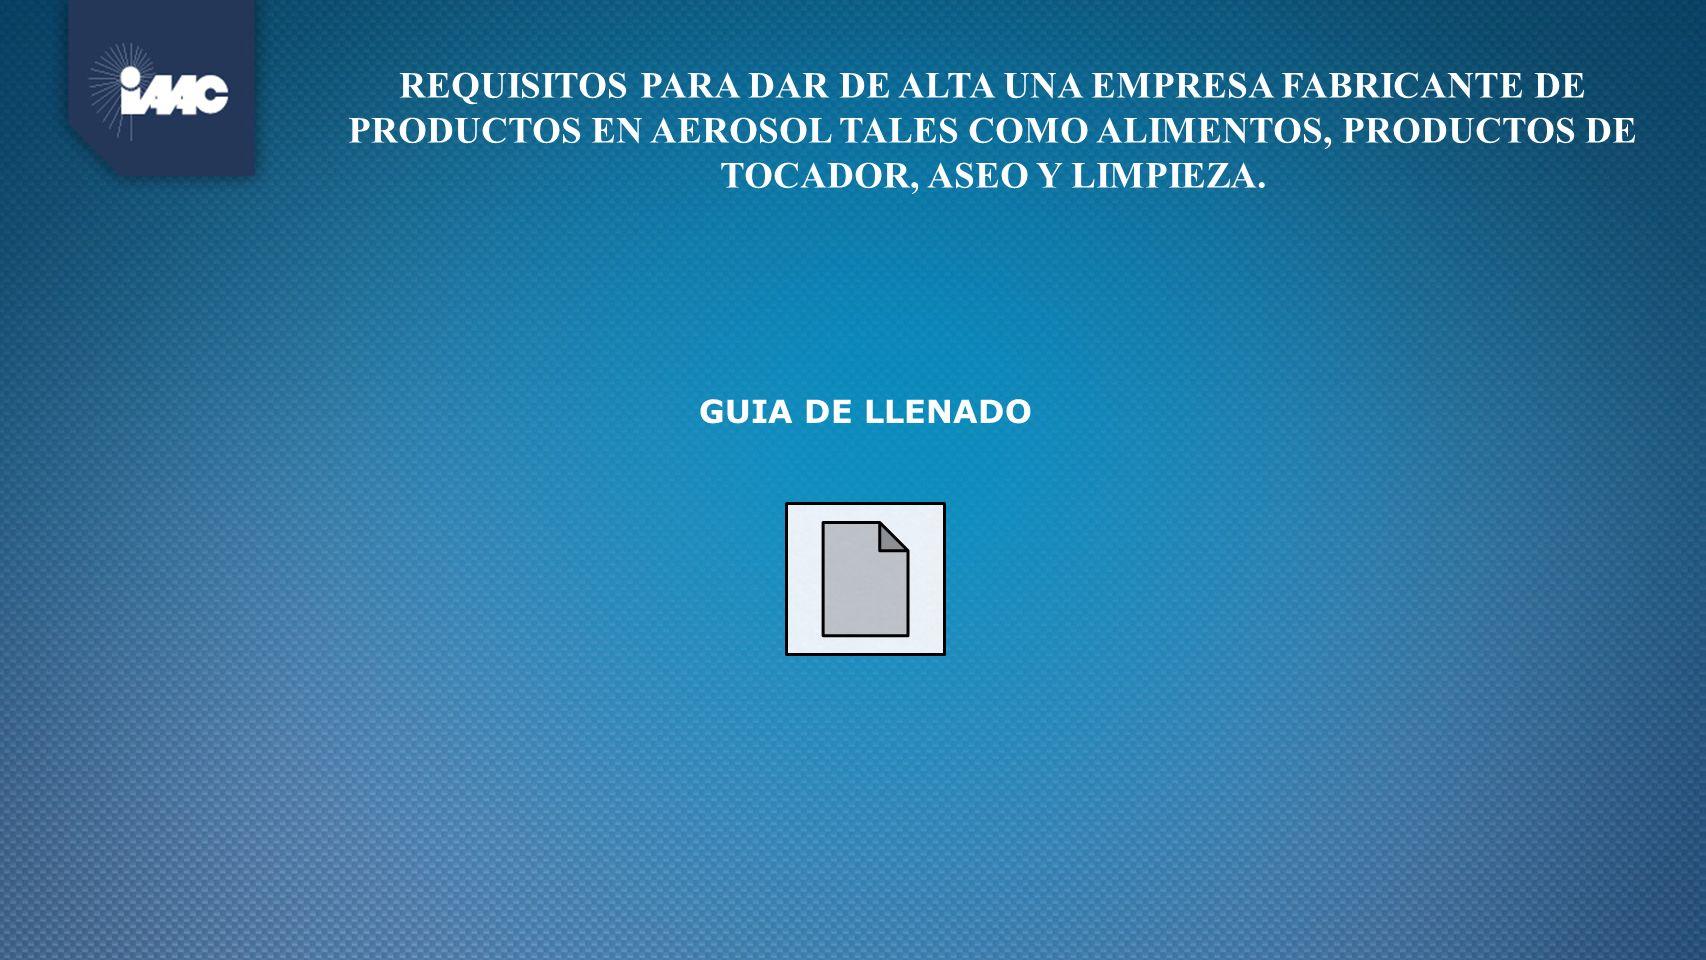 GUIA DE LLENADO REQUISITOS PARA DAR DE ALTA UNA EMPRESA FABRICANTE DE PRODUCTOS EN AEROSOL TALES COMO ALIMENTOS, PRODUCTOS DE TOCADOR, ASEO Y LIMPIEZA